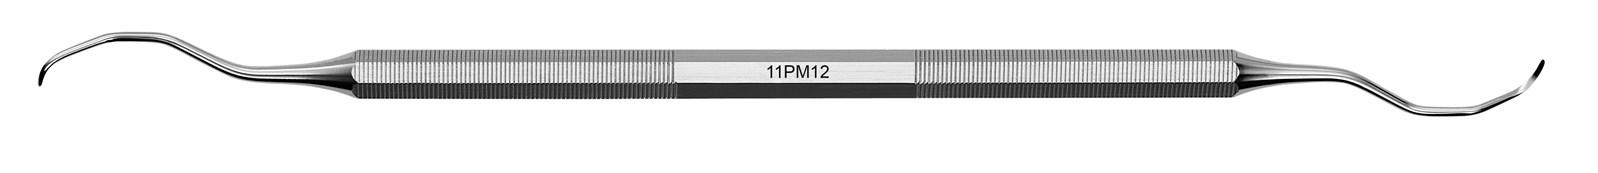 Kyreta Gracey Mini - 11PM12, ADEP růžový